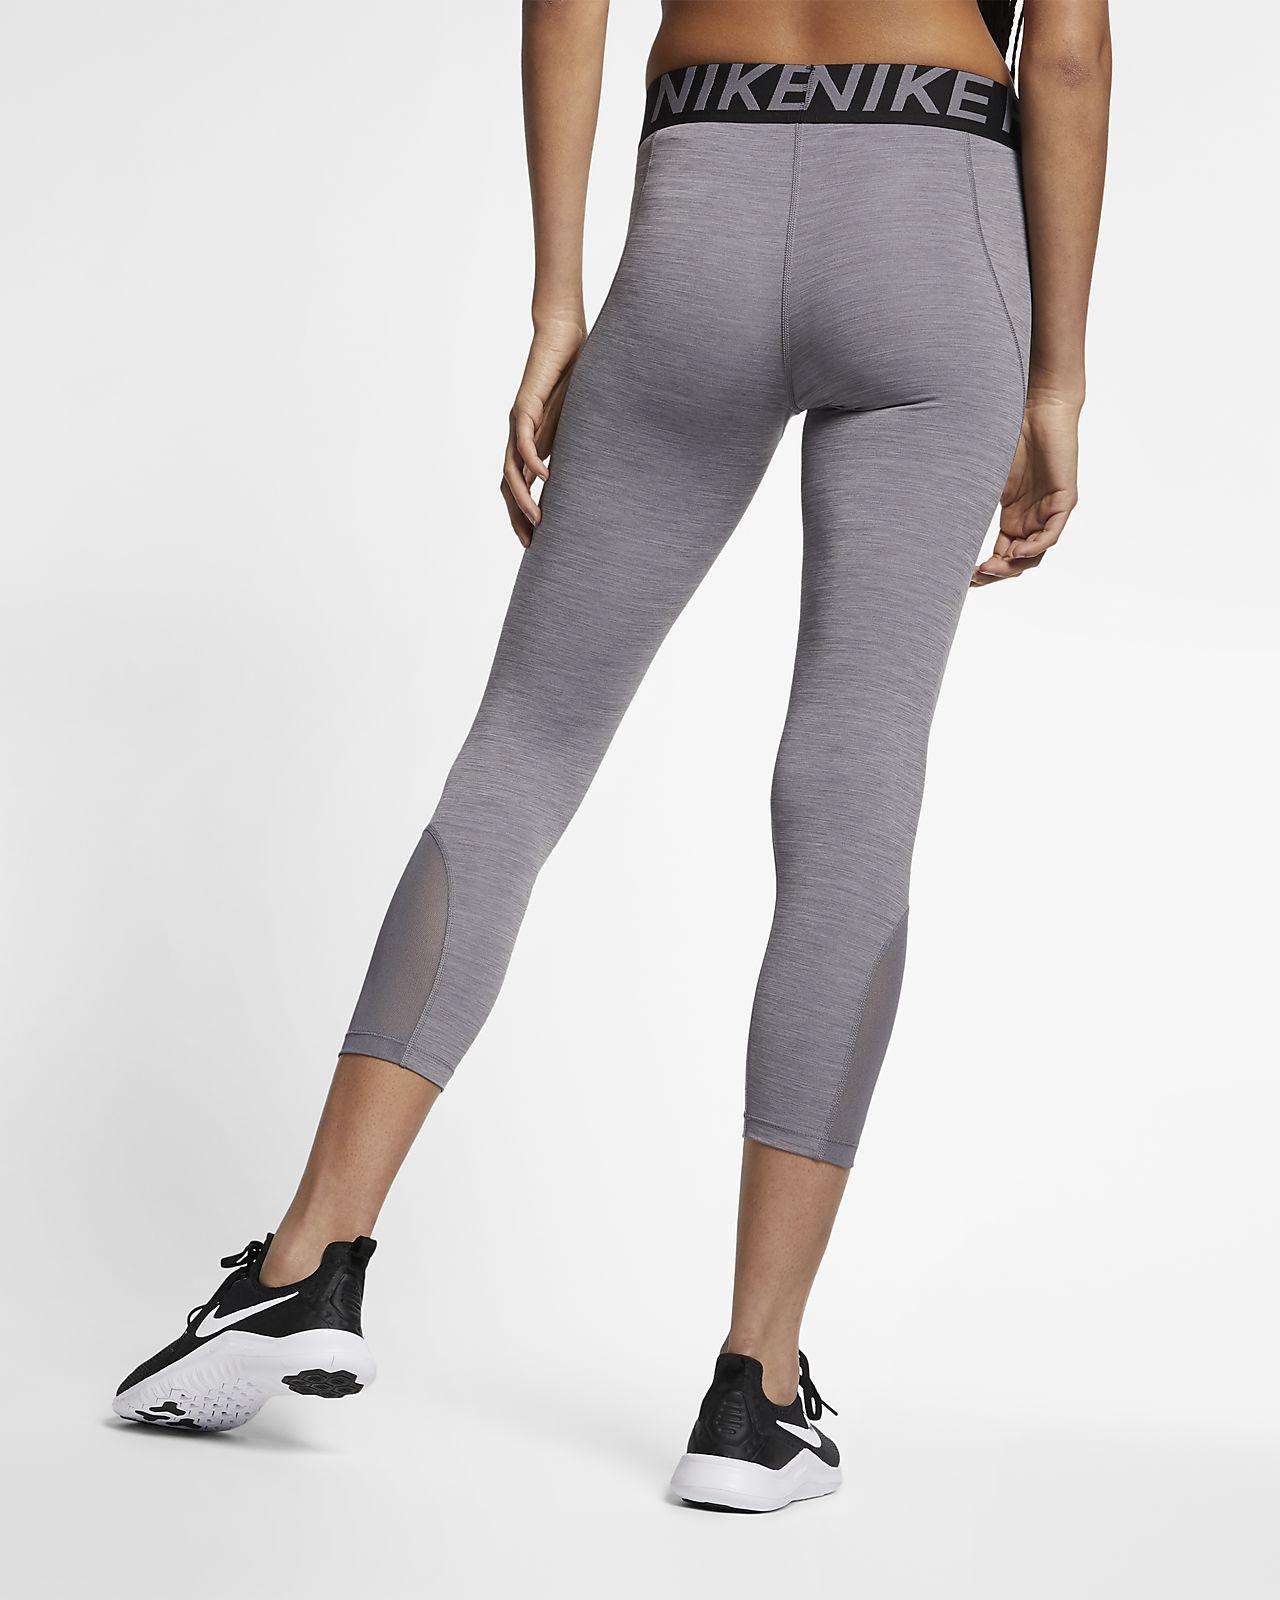 e2cb25cf8c9f82 Nike Pro Women's 7/8 Tights. Nike.com